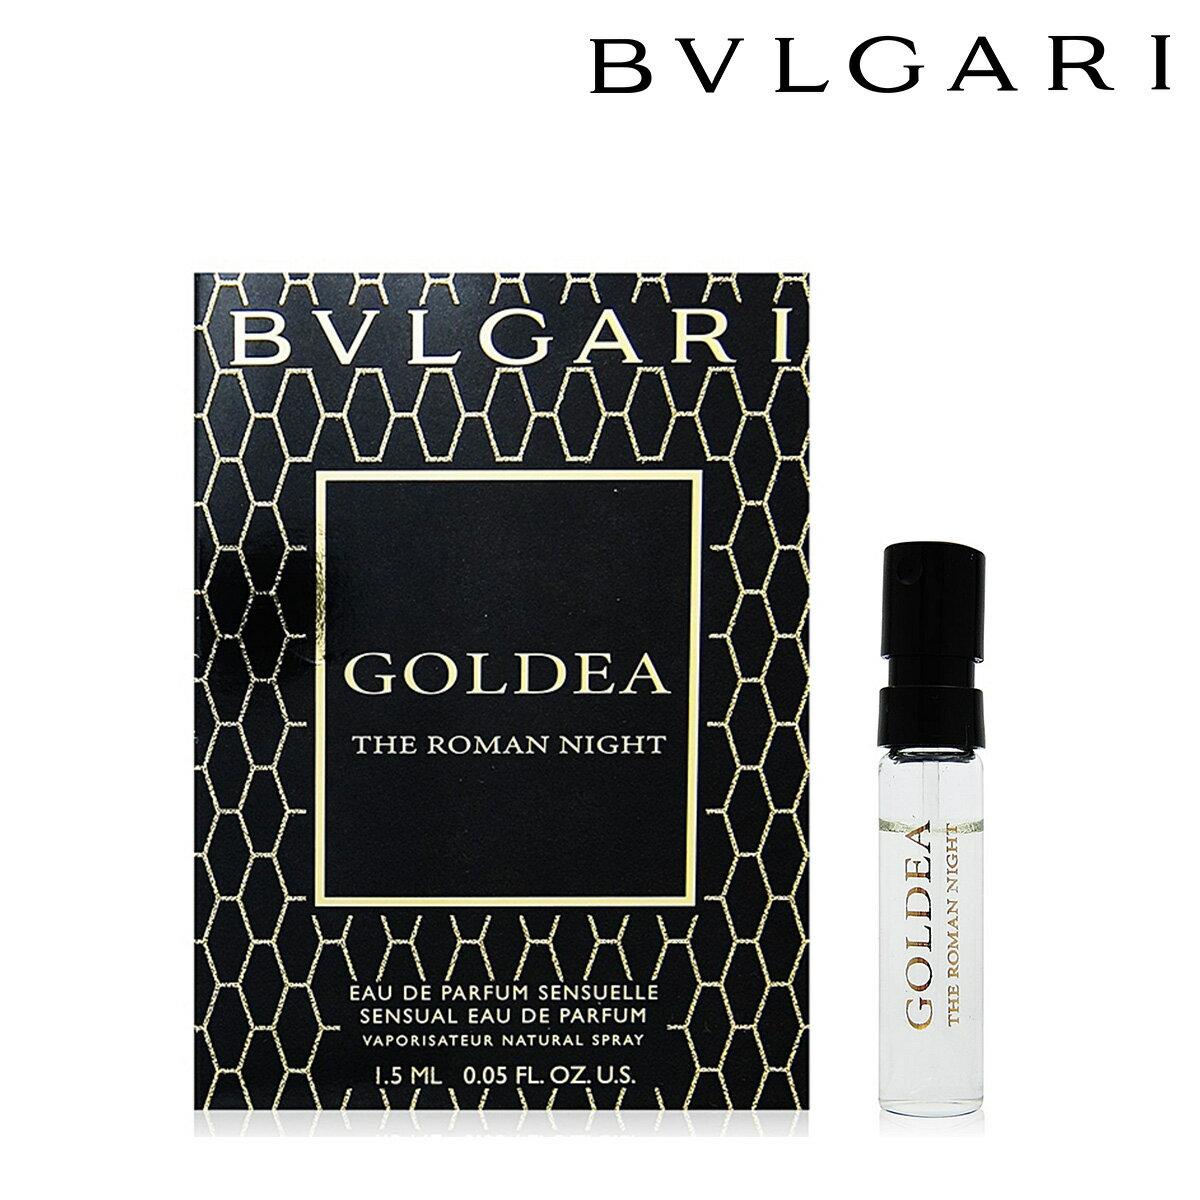 寶格麗 Bvlgari 羅馬之夜女性淡香精 1.5ml 針管香水 試管小香 魅力香氛 【SP嚴選家】